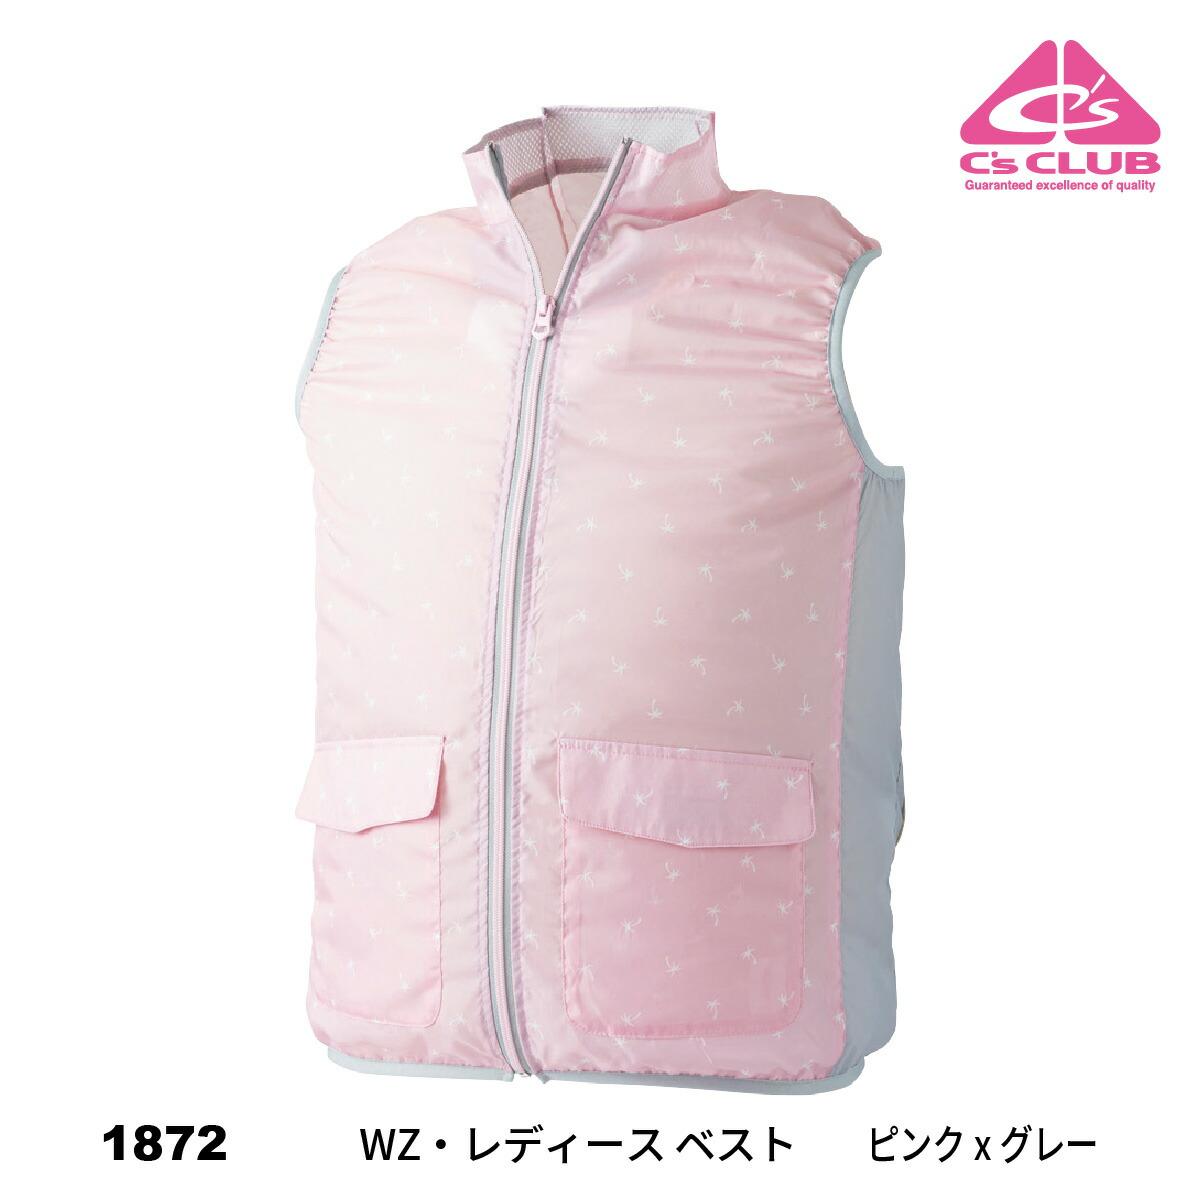 1872-830.ピンク×グレー